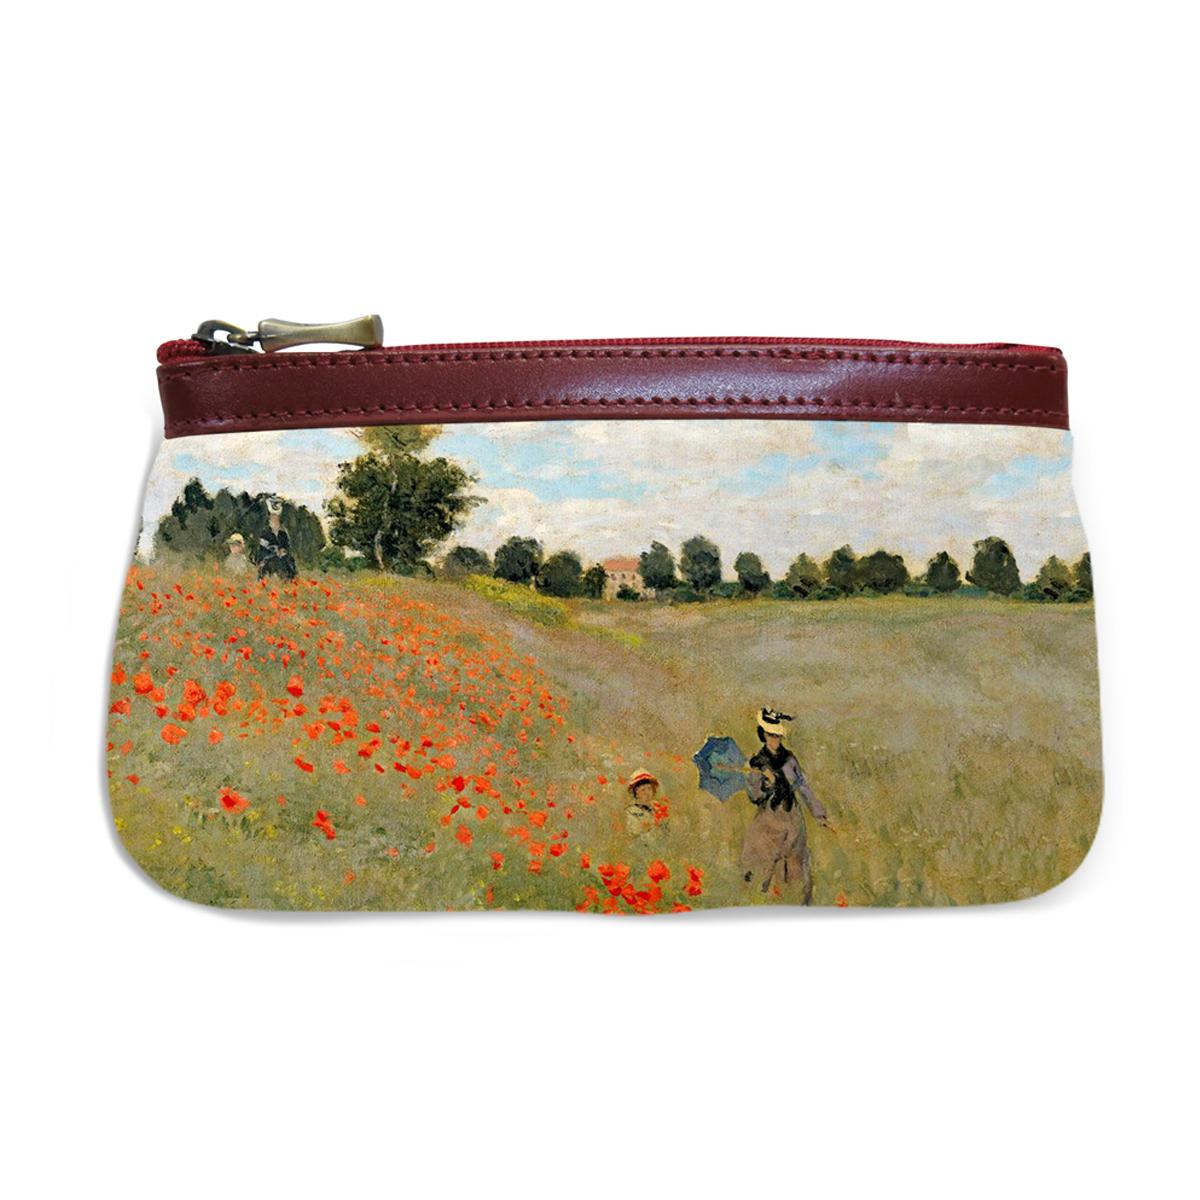 Pochette trousse artisanale \'Claude Monet\' (les Coquelicots)  - 17x12 cm - [Q6653]